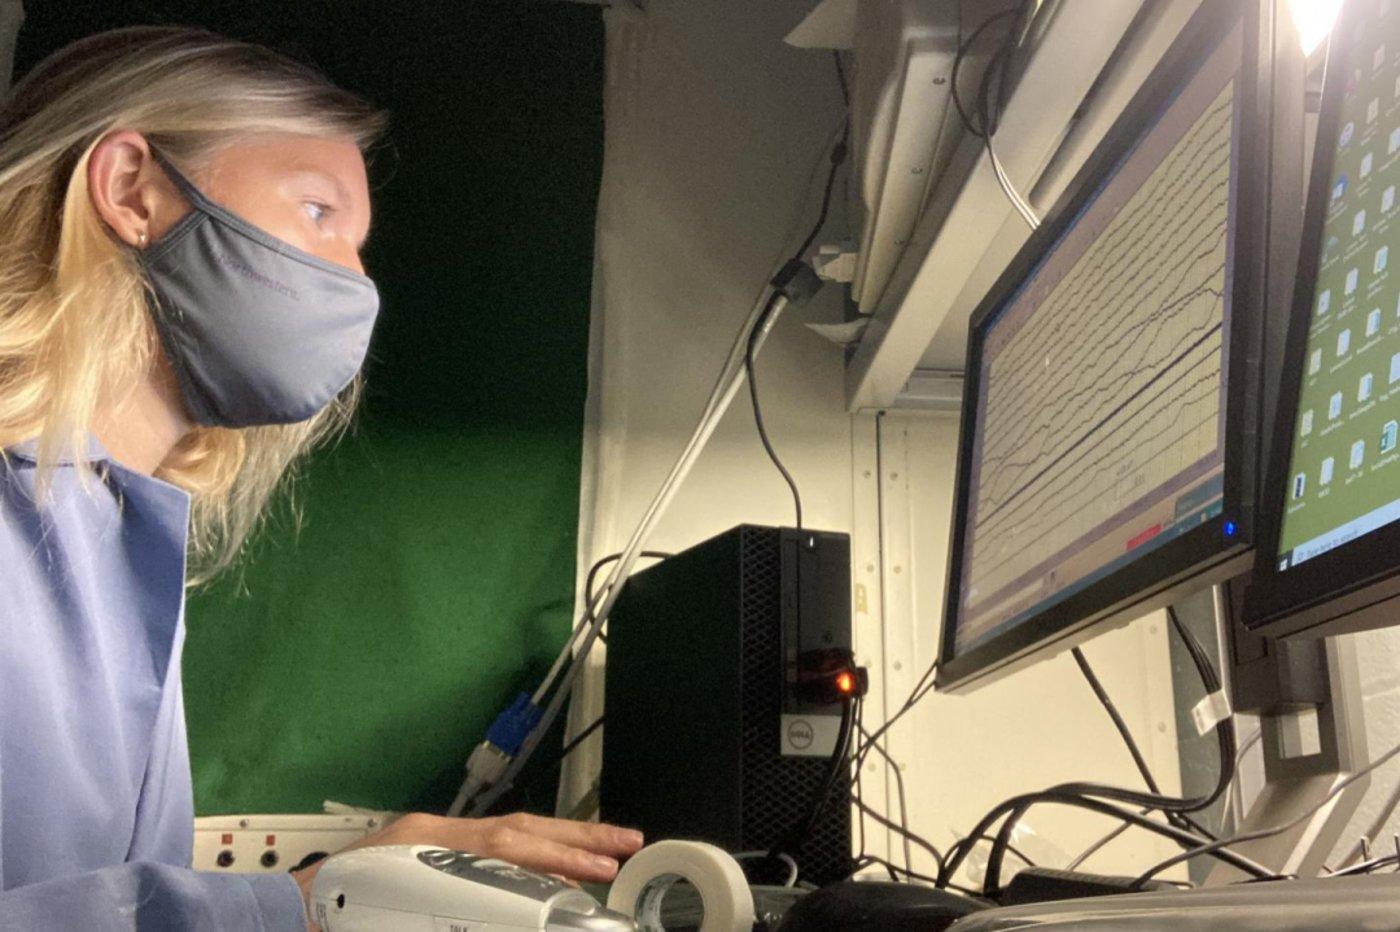 图 康科利正在观察一个沉睡参与者的大脑信号(来源:K. Konkoly)